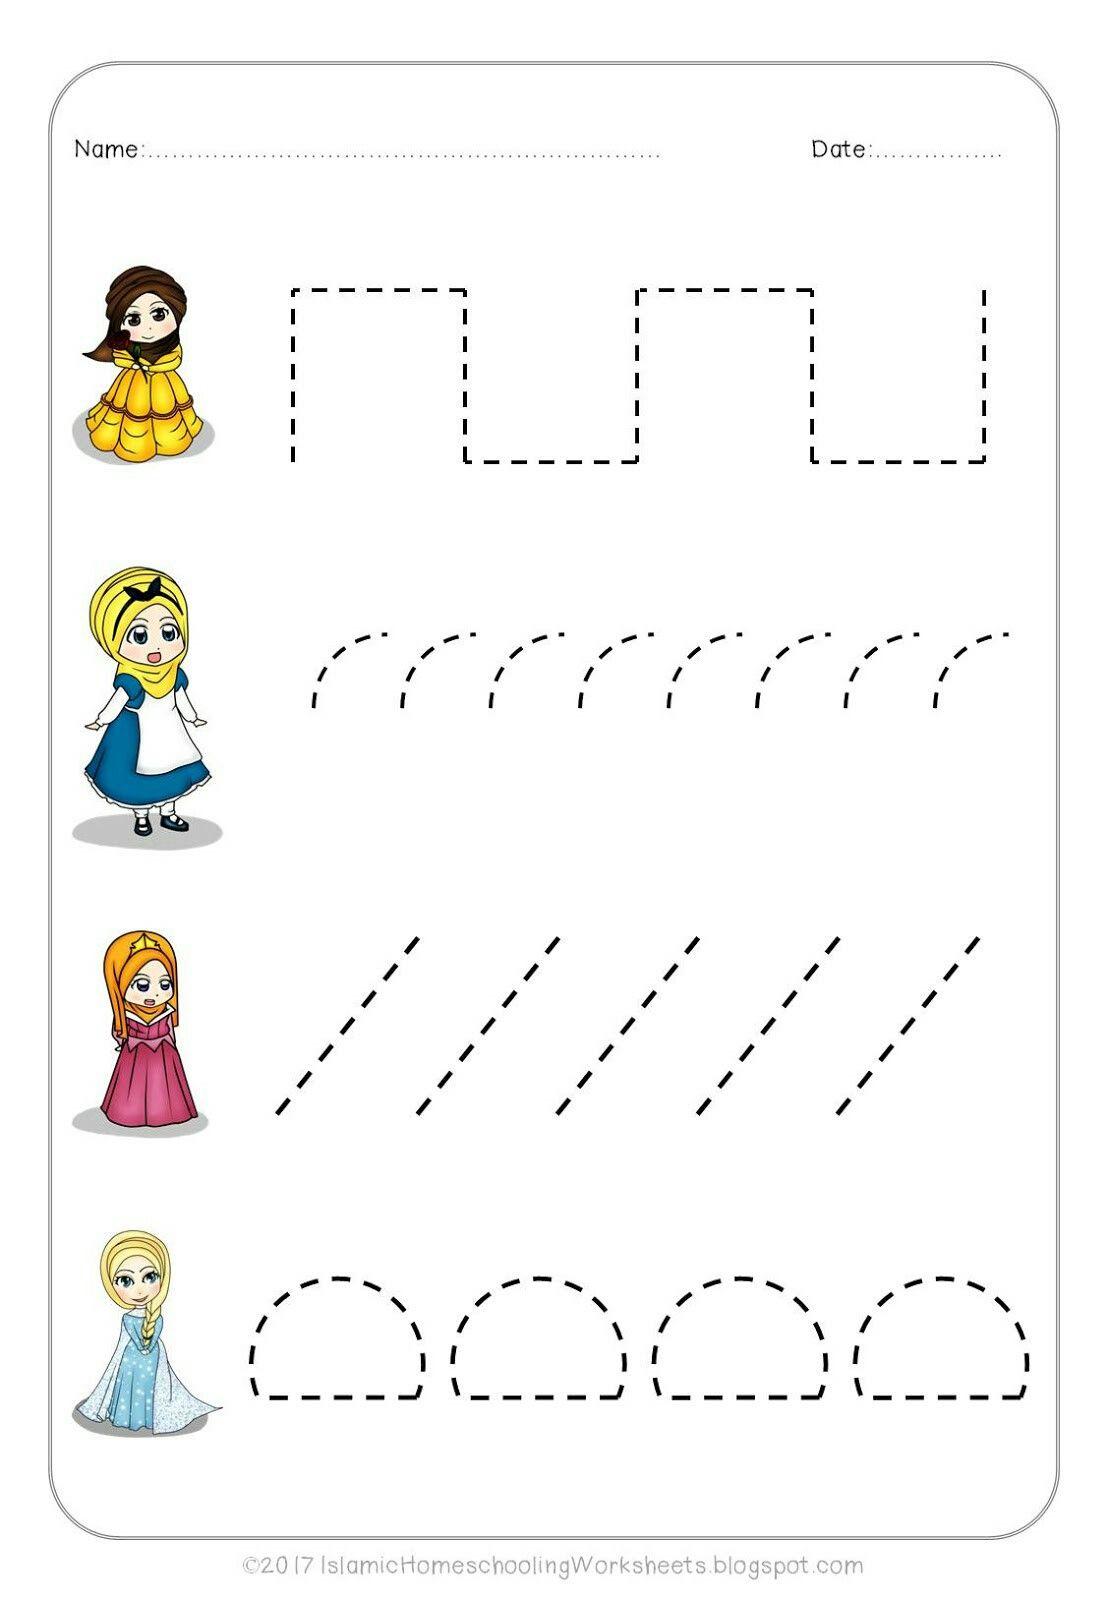 Free Prewriting Practice In Disney Princess Preschool Pack Islamic Version Tracing Worksheets Preschool Pre Writing Preschool Worksheets [ 1600 x 1108 Pixel ]